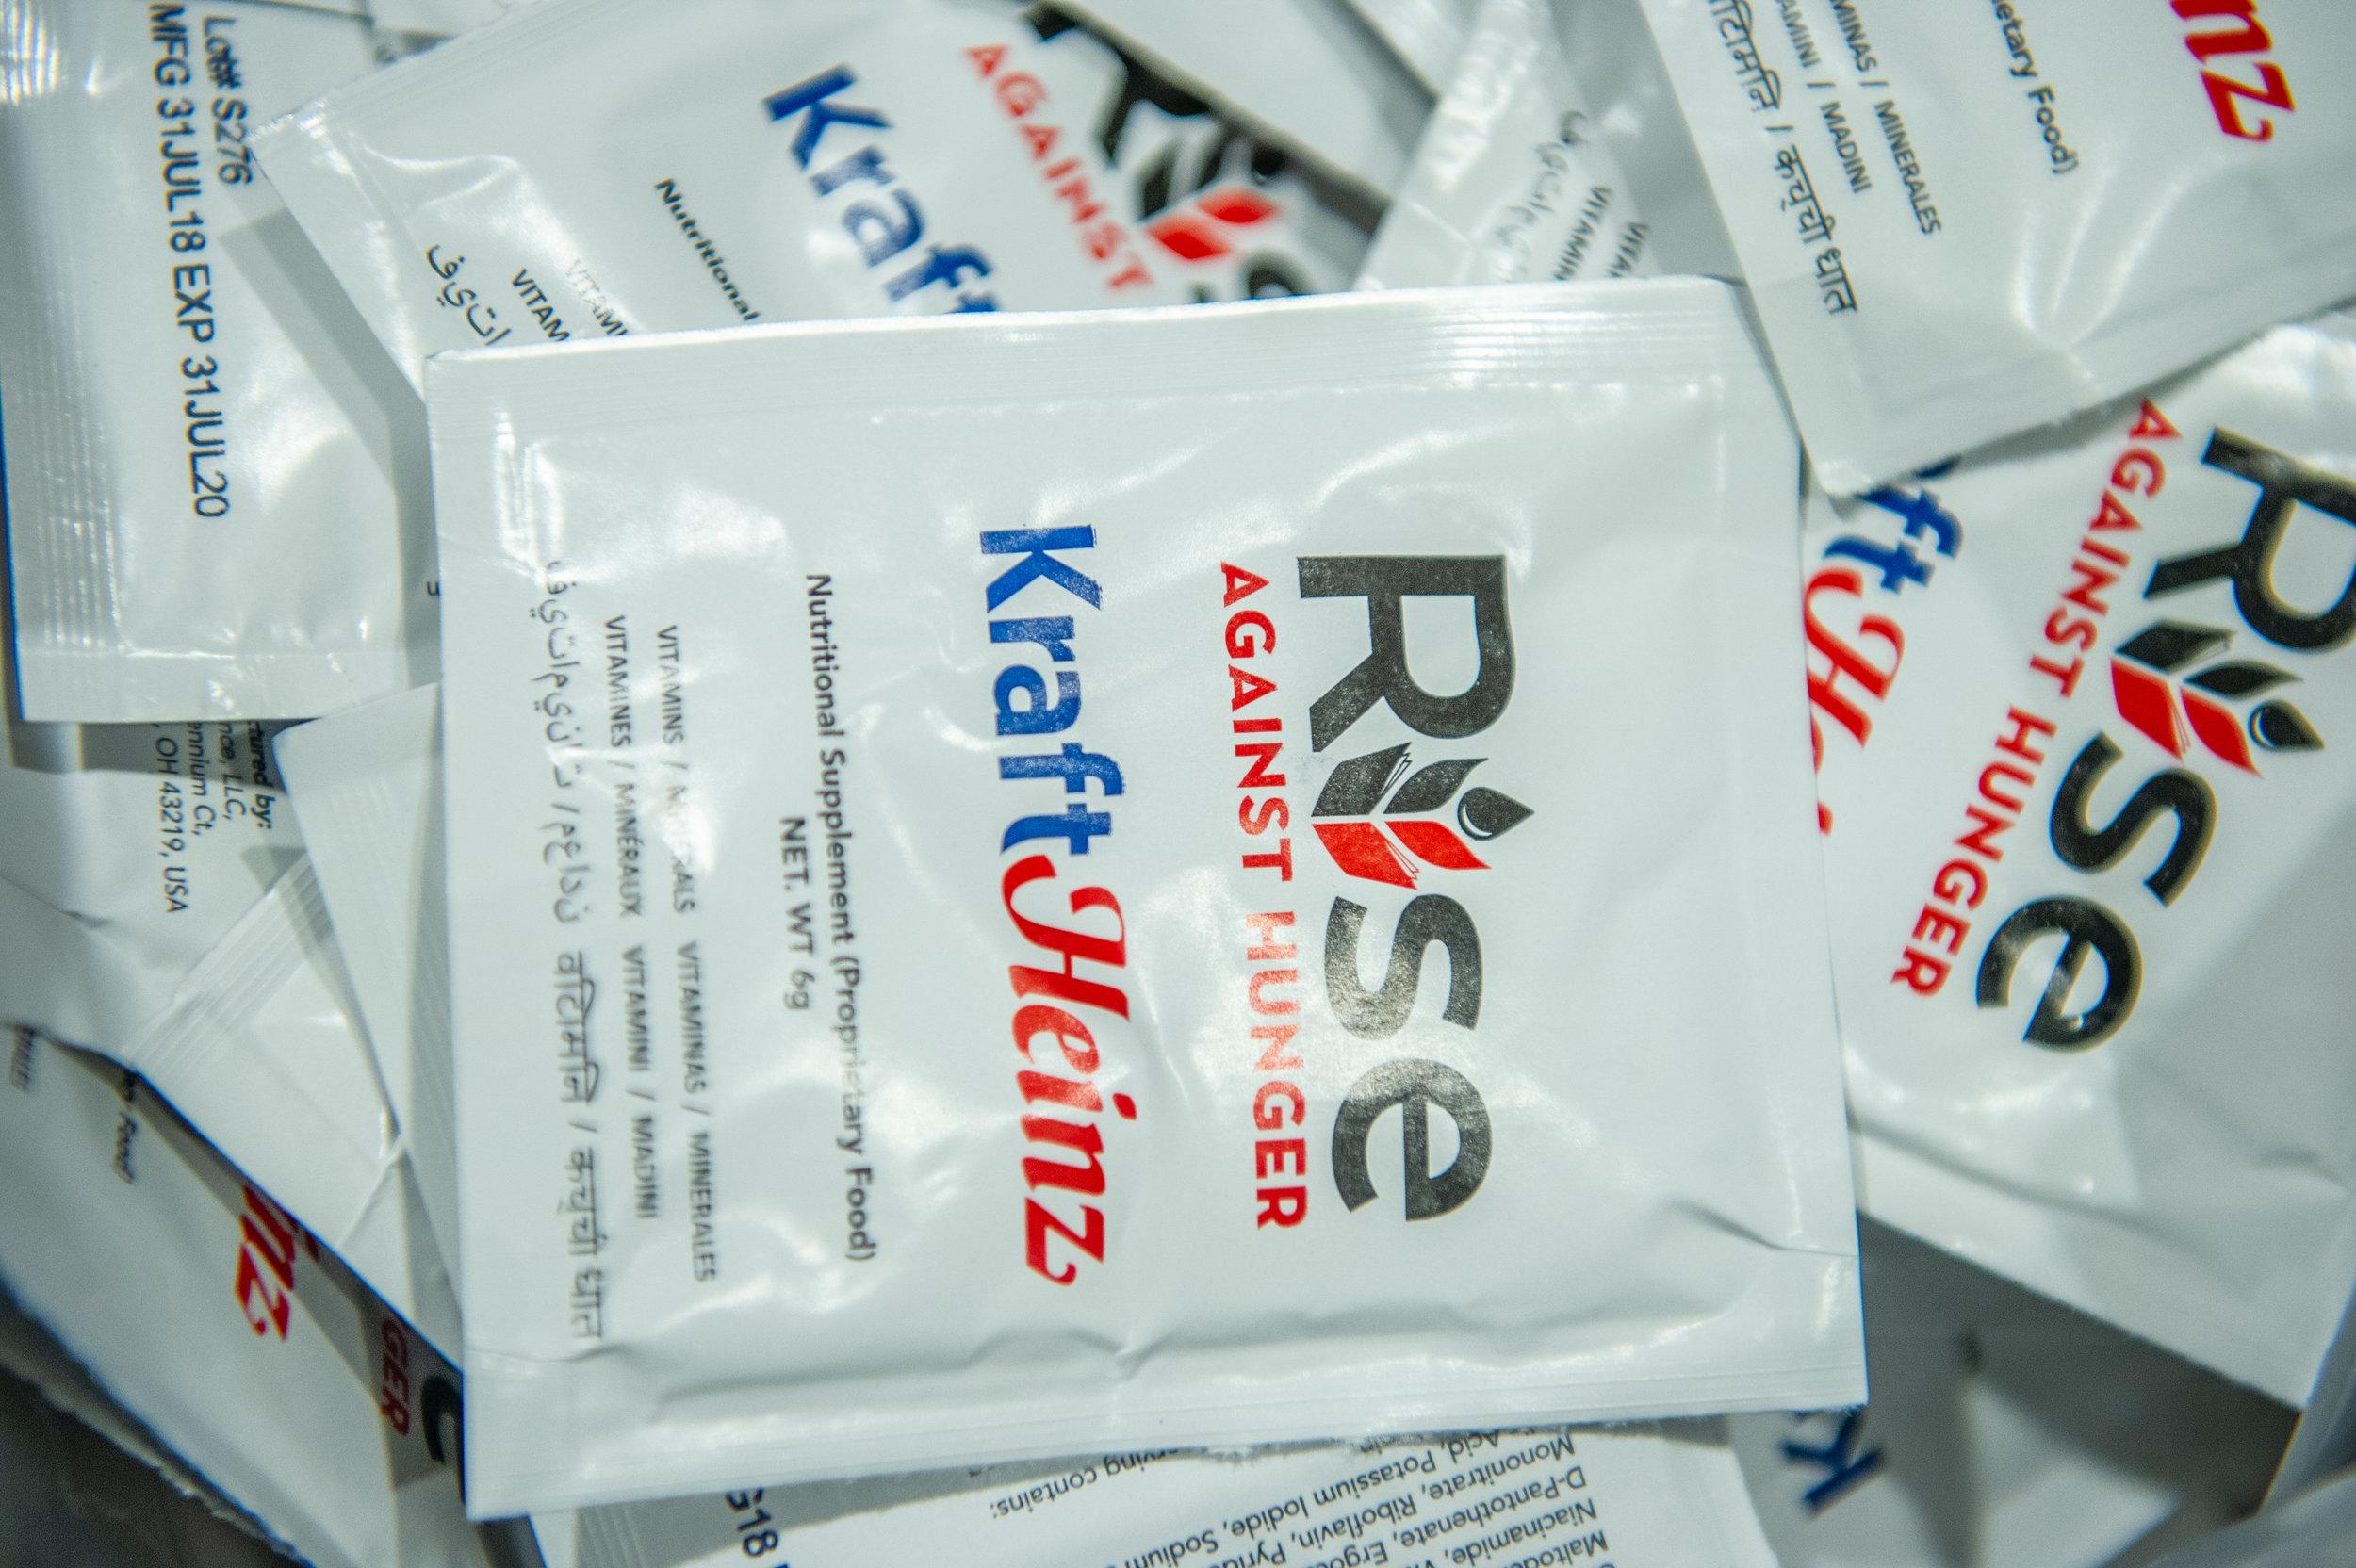 rise-against-hunger-005_44140472620_o.jpg